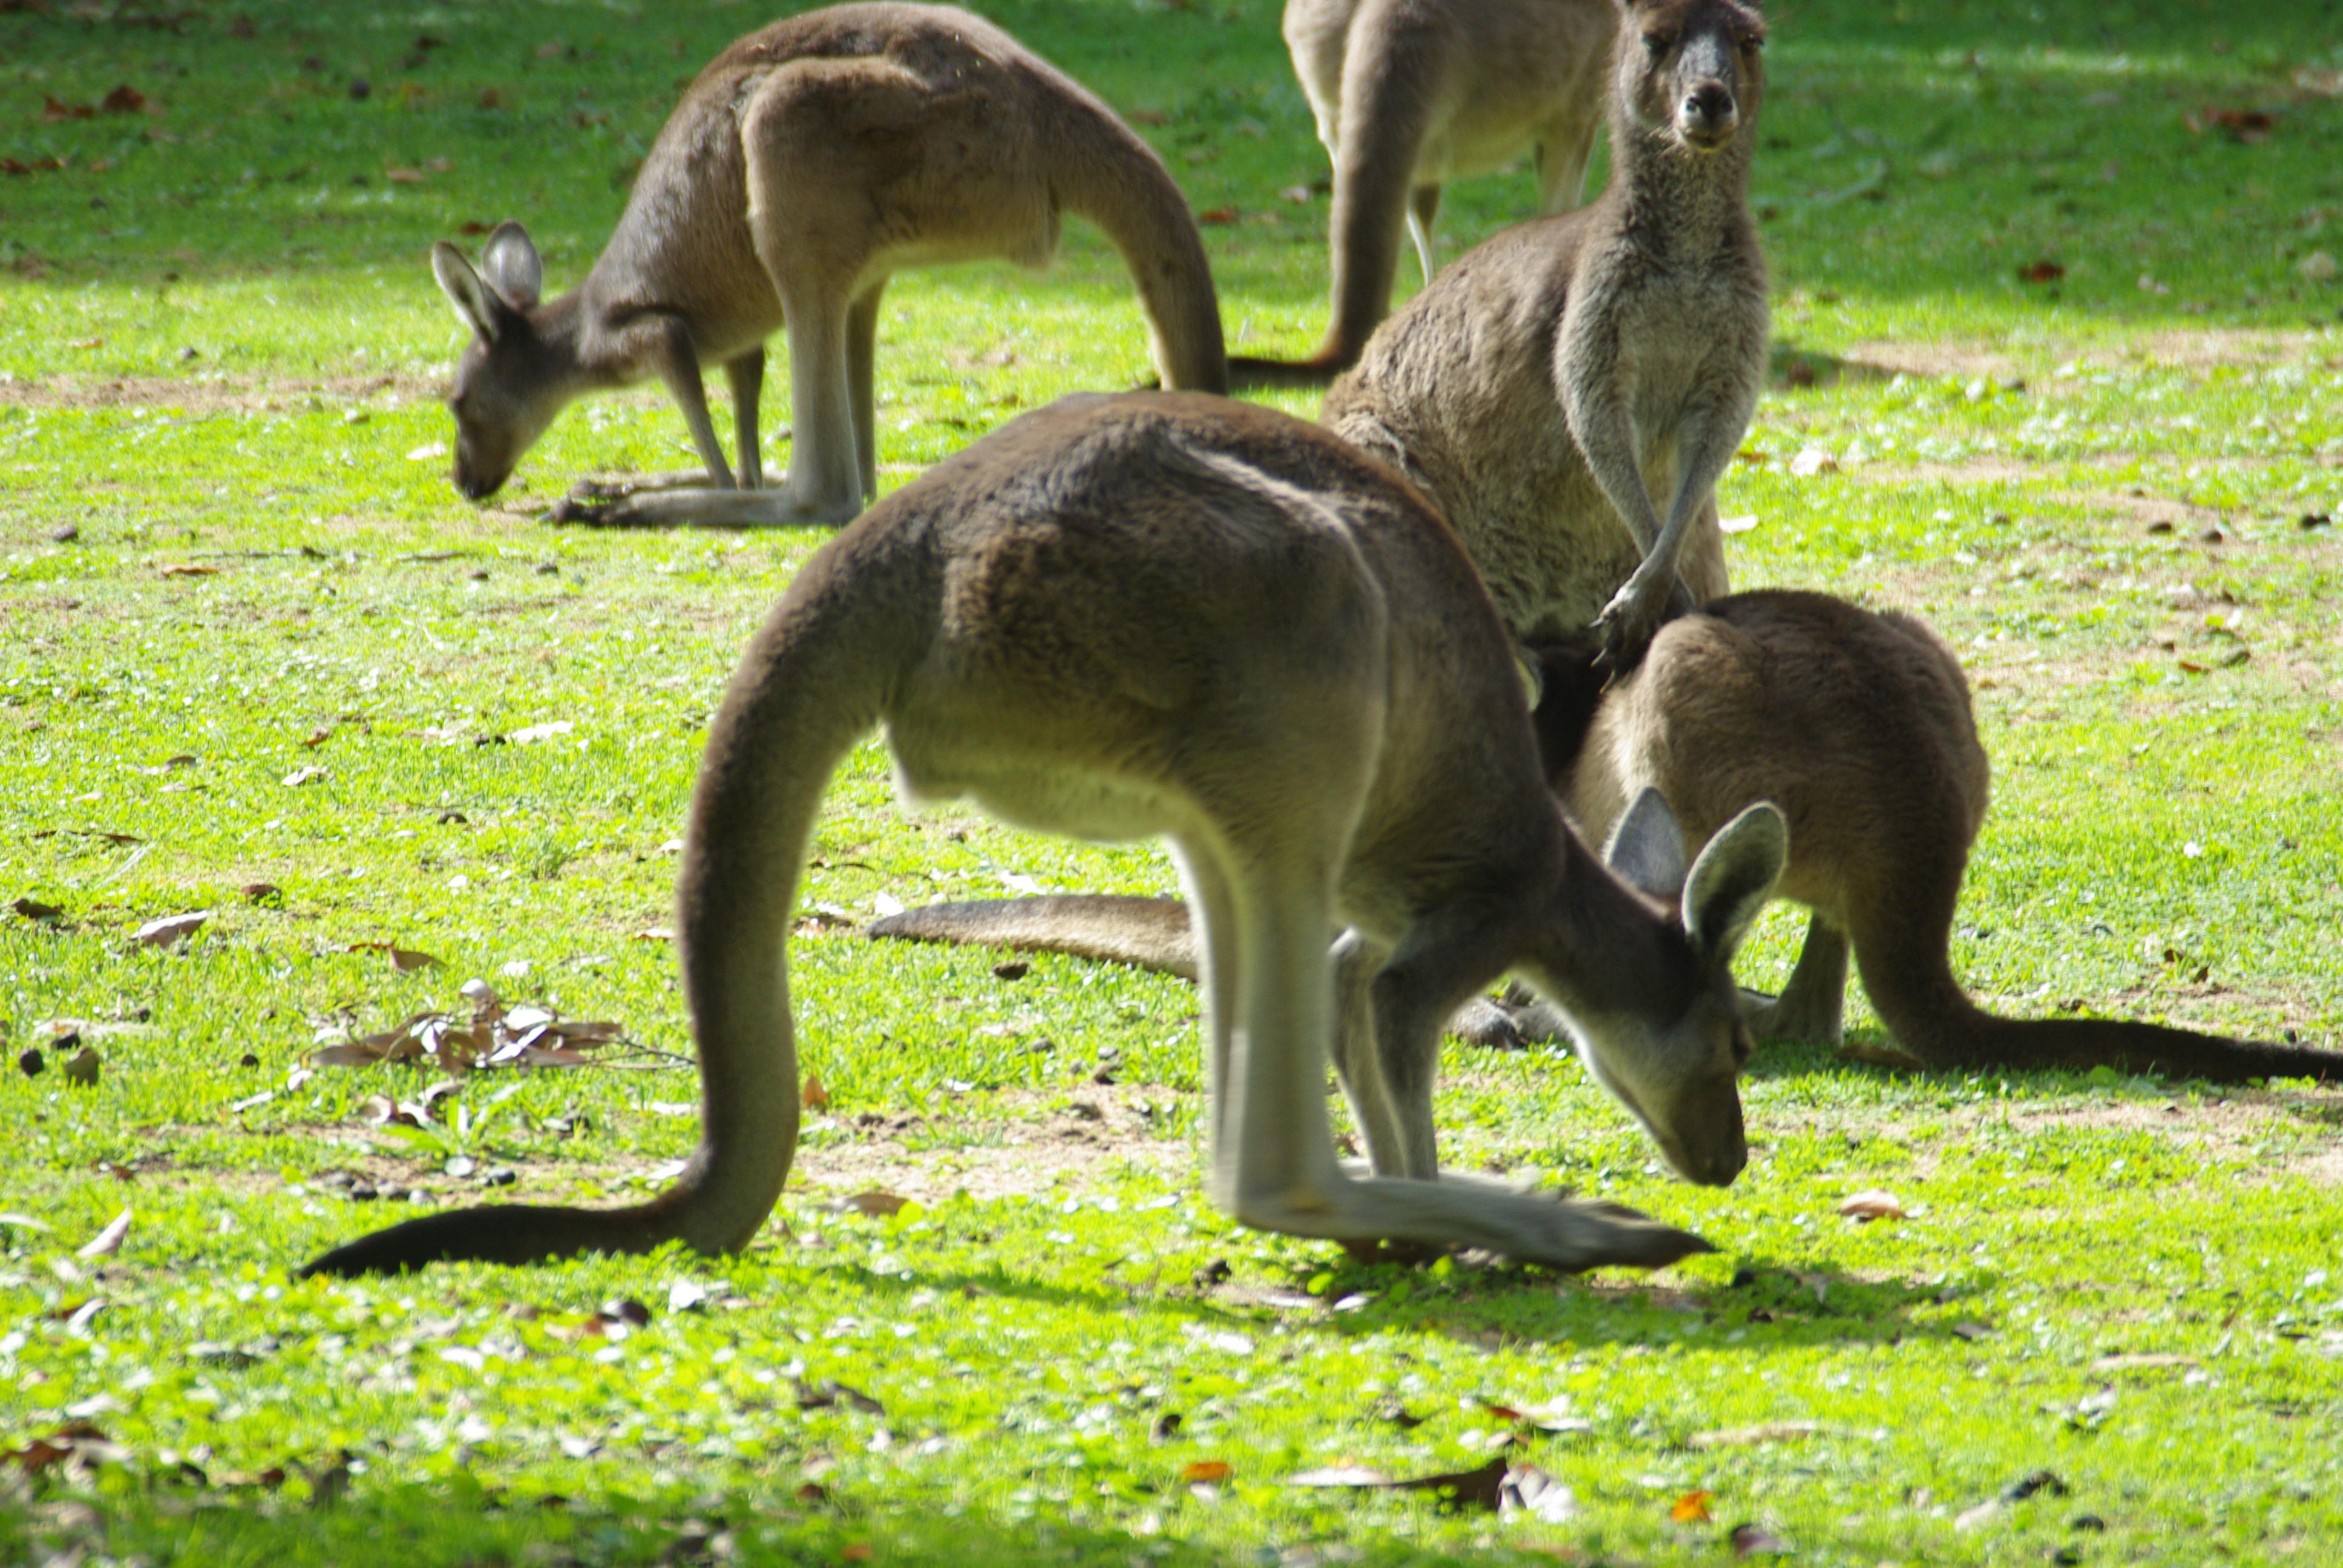 Western grey kangaroos (Macropus fuliginosus) feeding, Darling Range, western Australia. Photo taken on May 10, 2010.